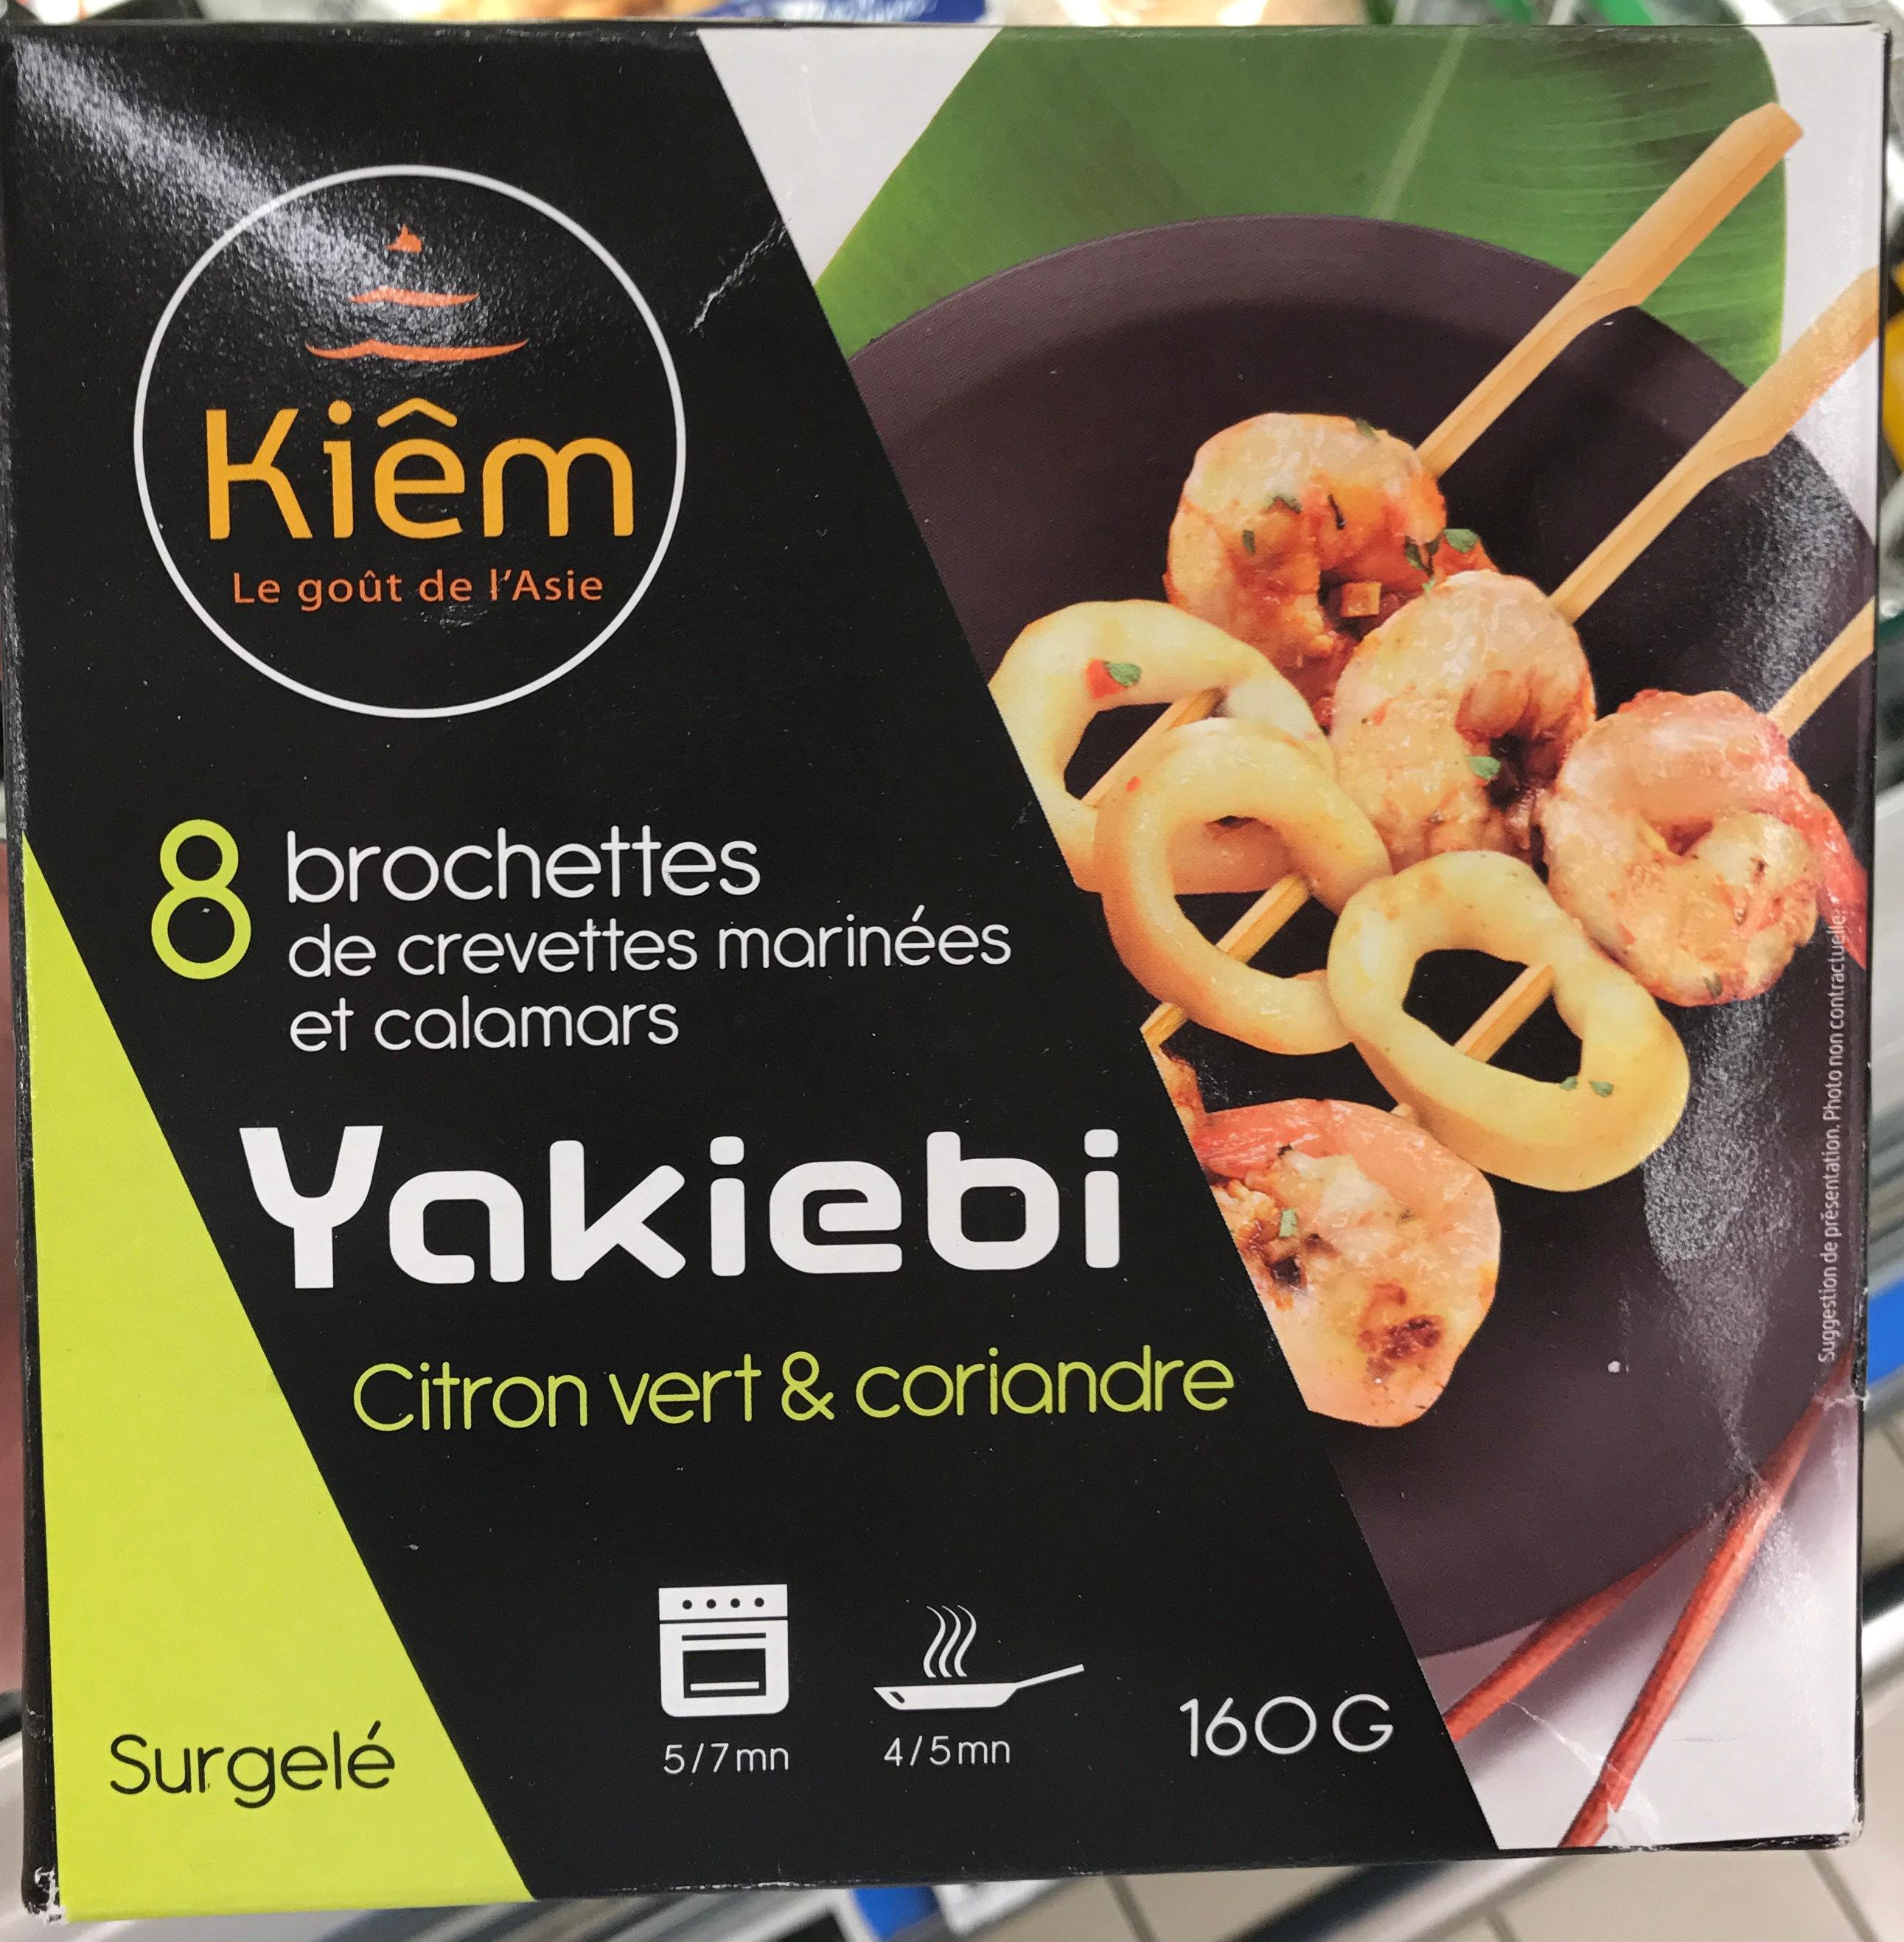 Yakiebi Citron Vert & Coriandre - Product